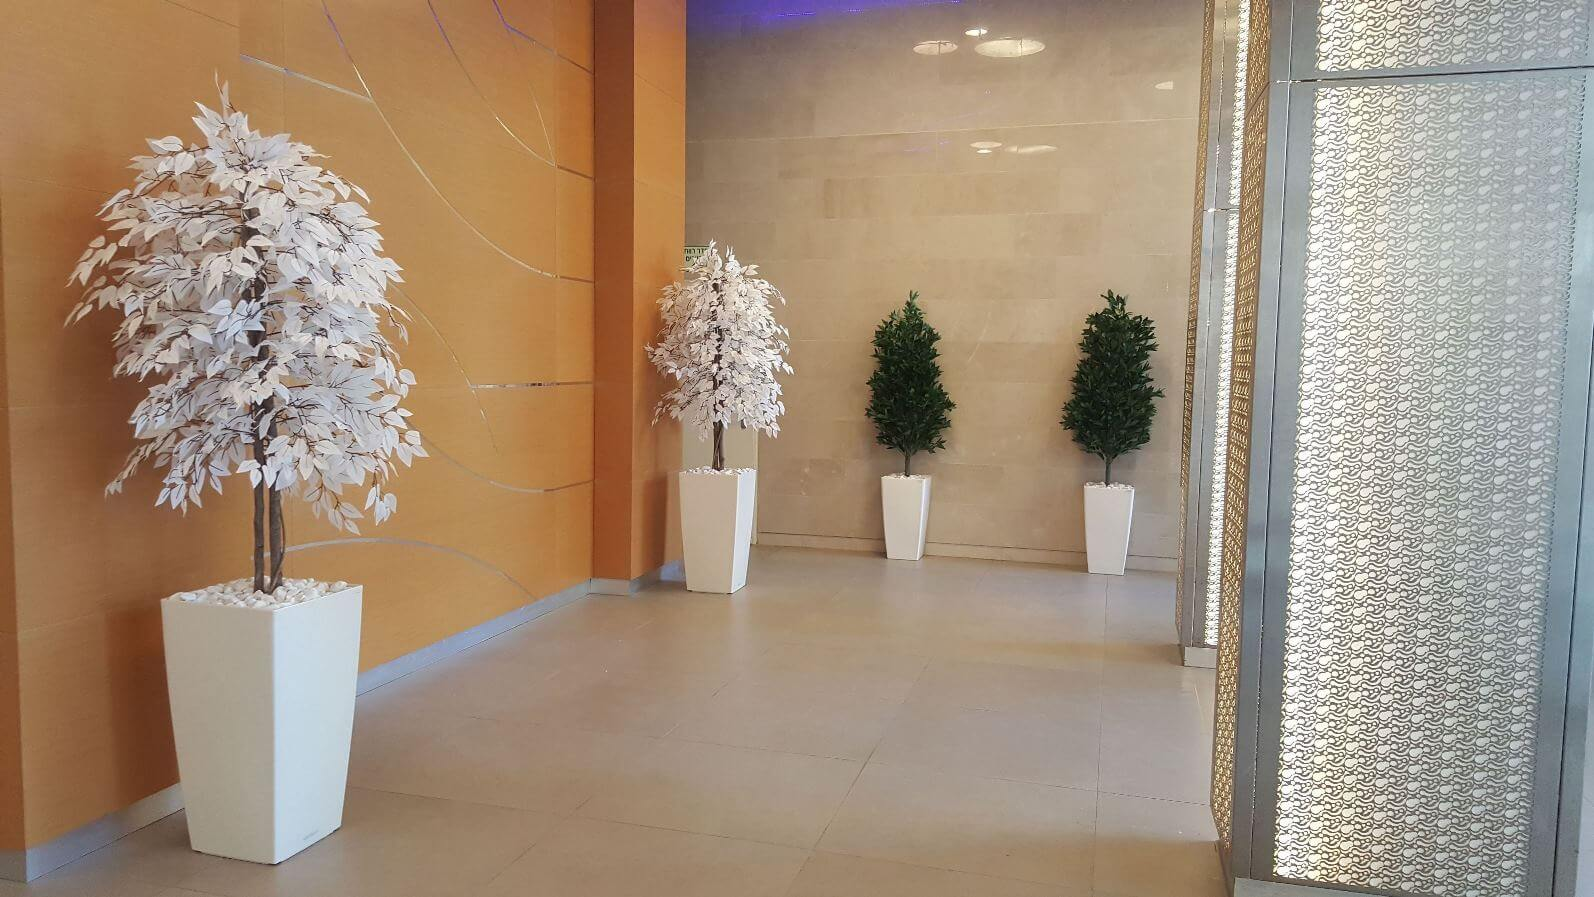 עיצוב לובי בניין משותף בצמחייה מלאכותית בחולון